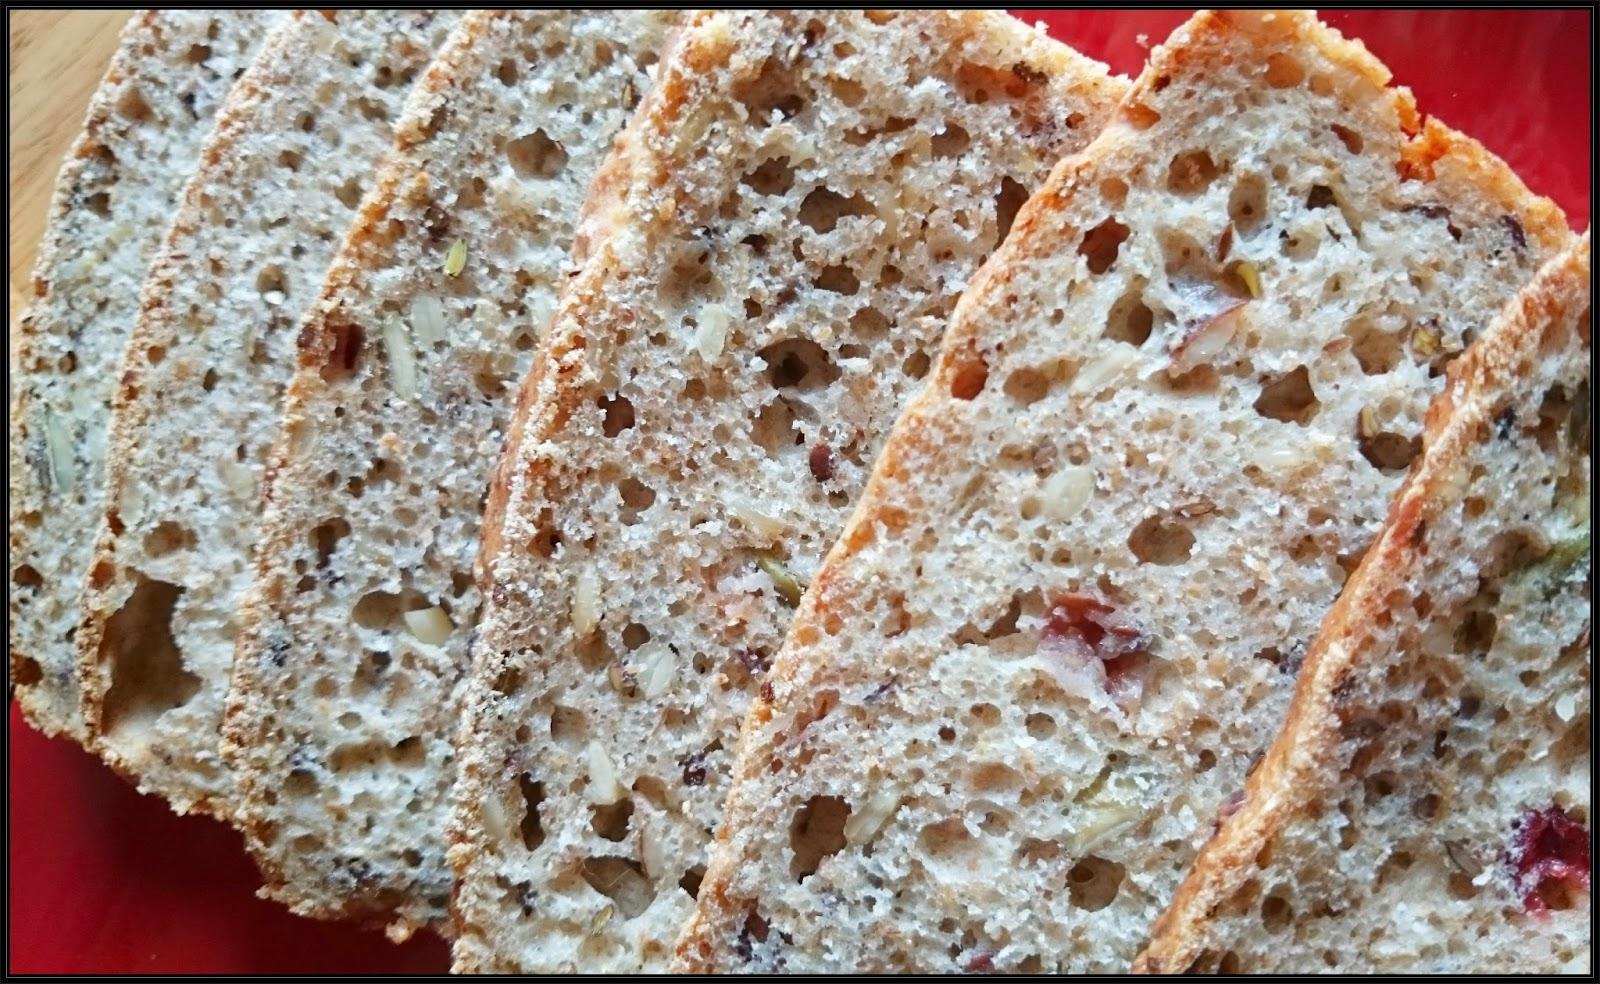 Jak zrobić idealny zakwas do wypieku domowego chleba?